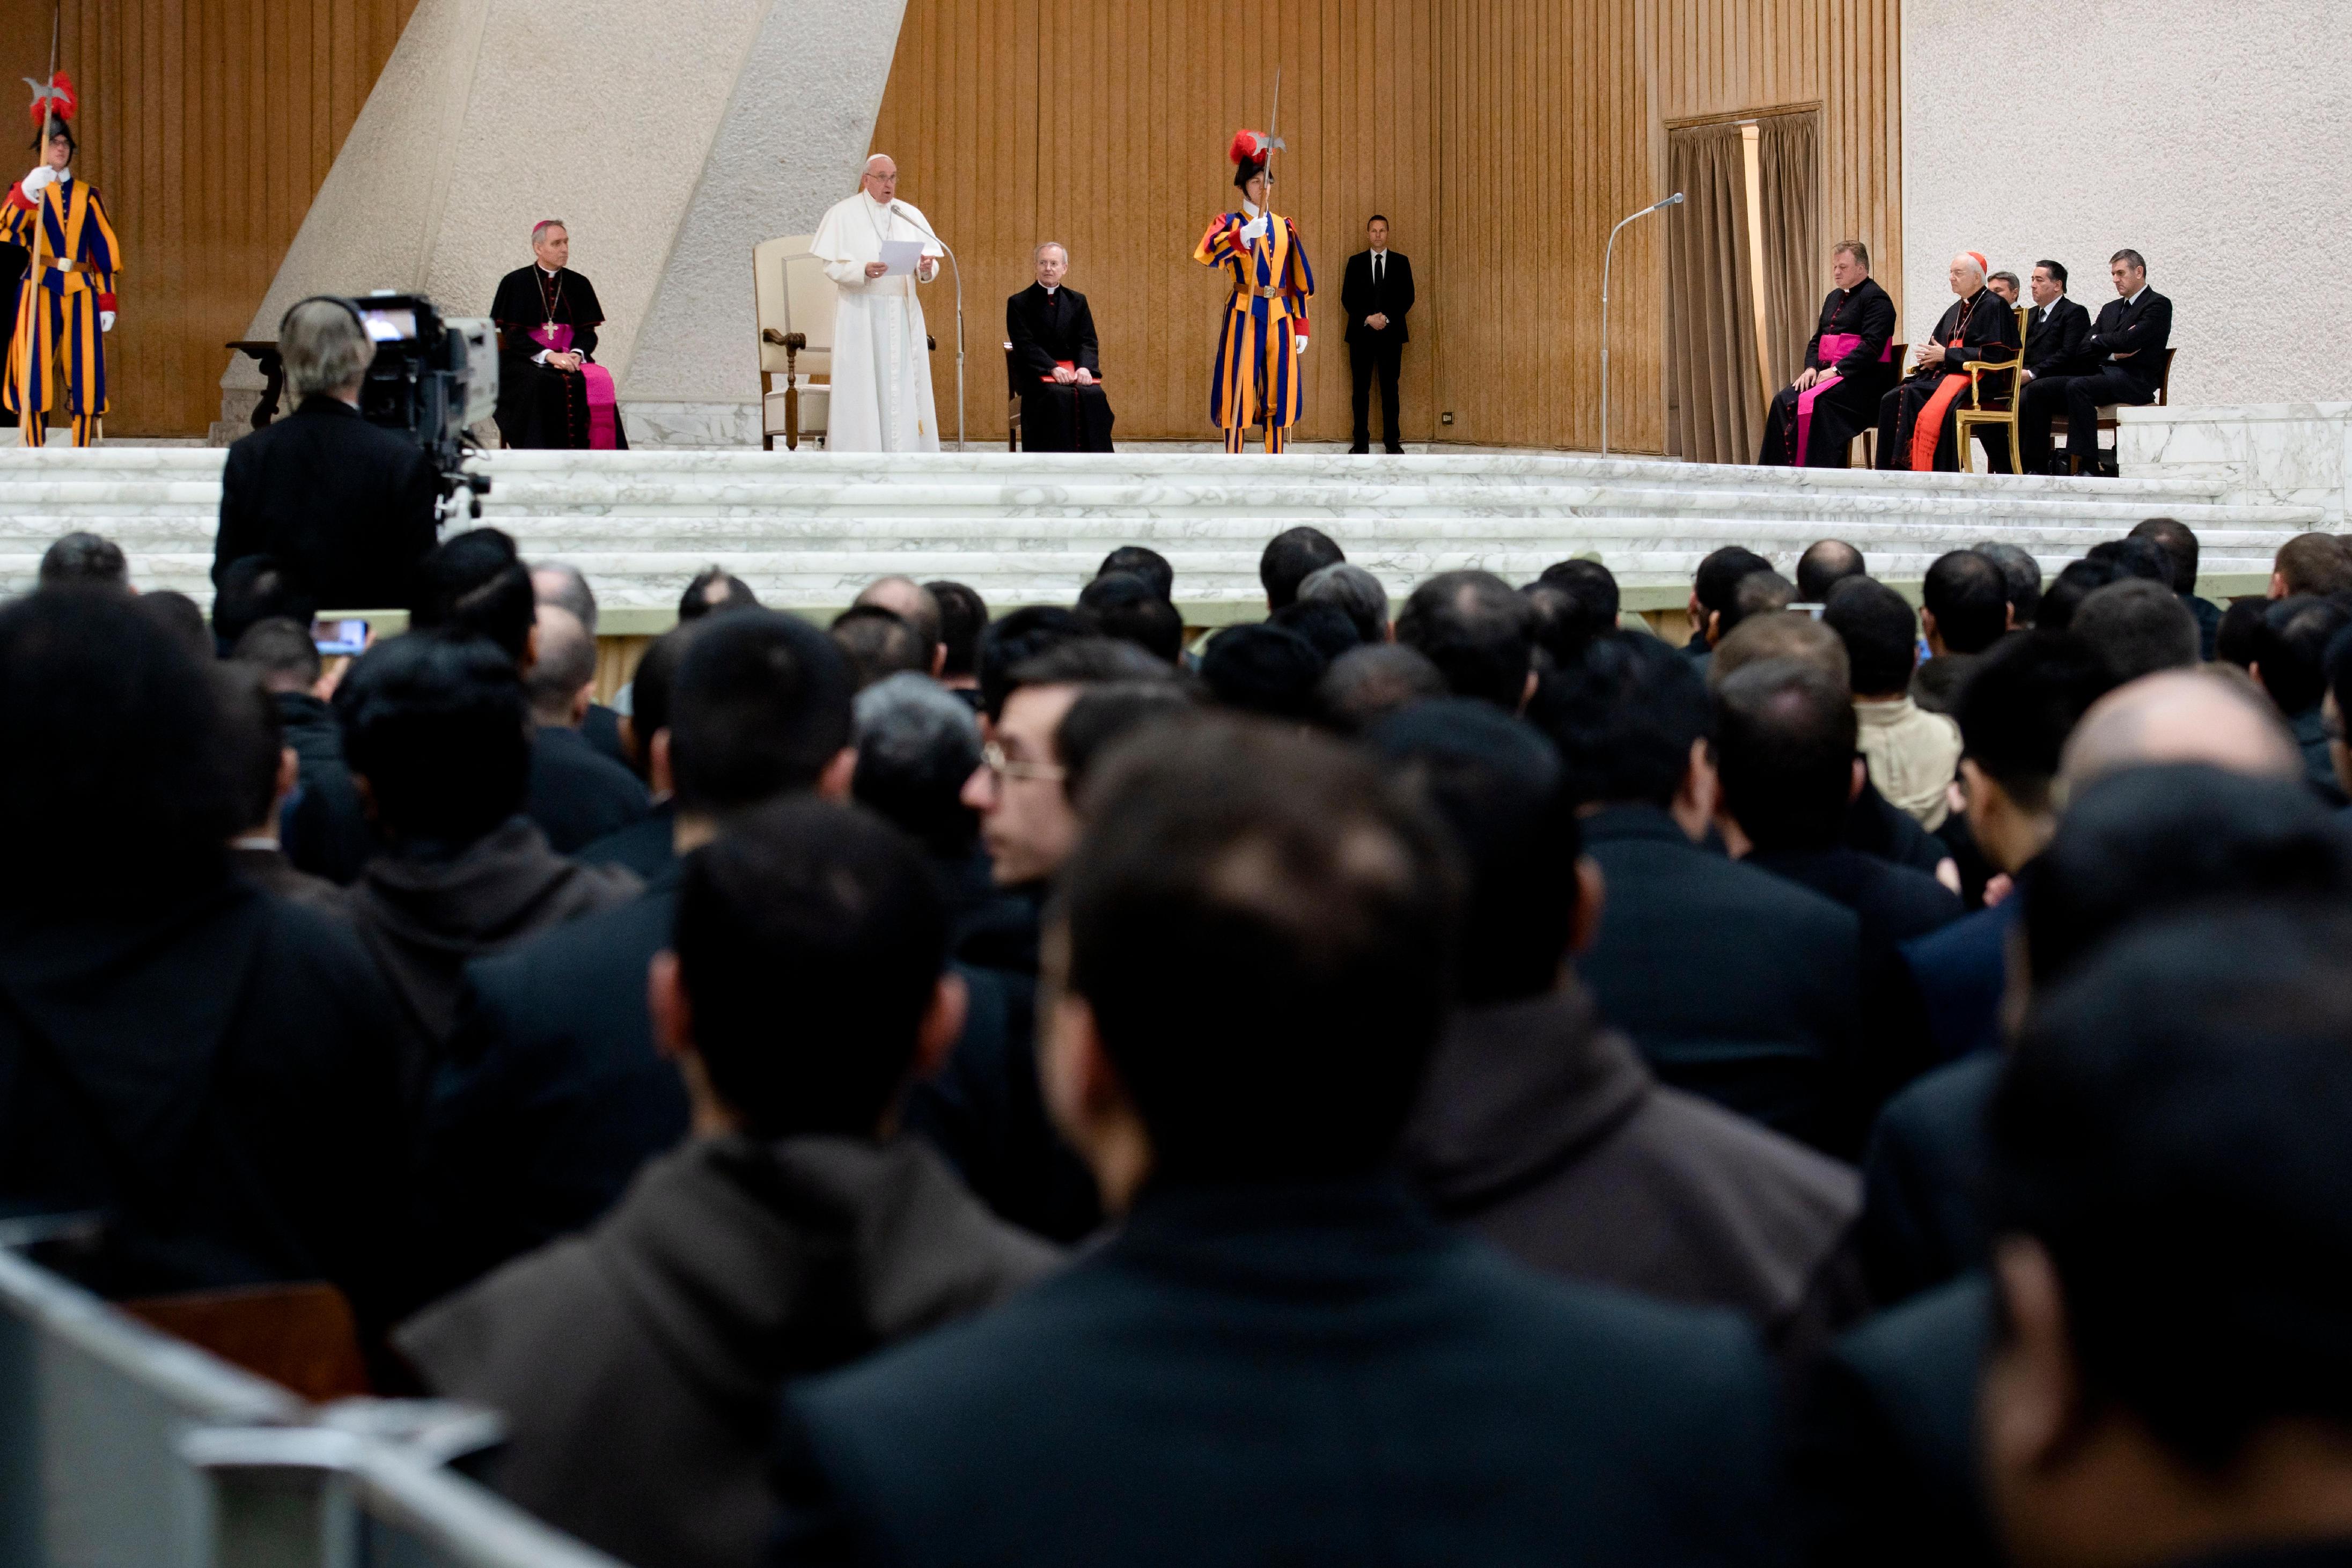 El Papa habla a los participantes en el curso del Foro Interno © Vatican Media